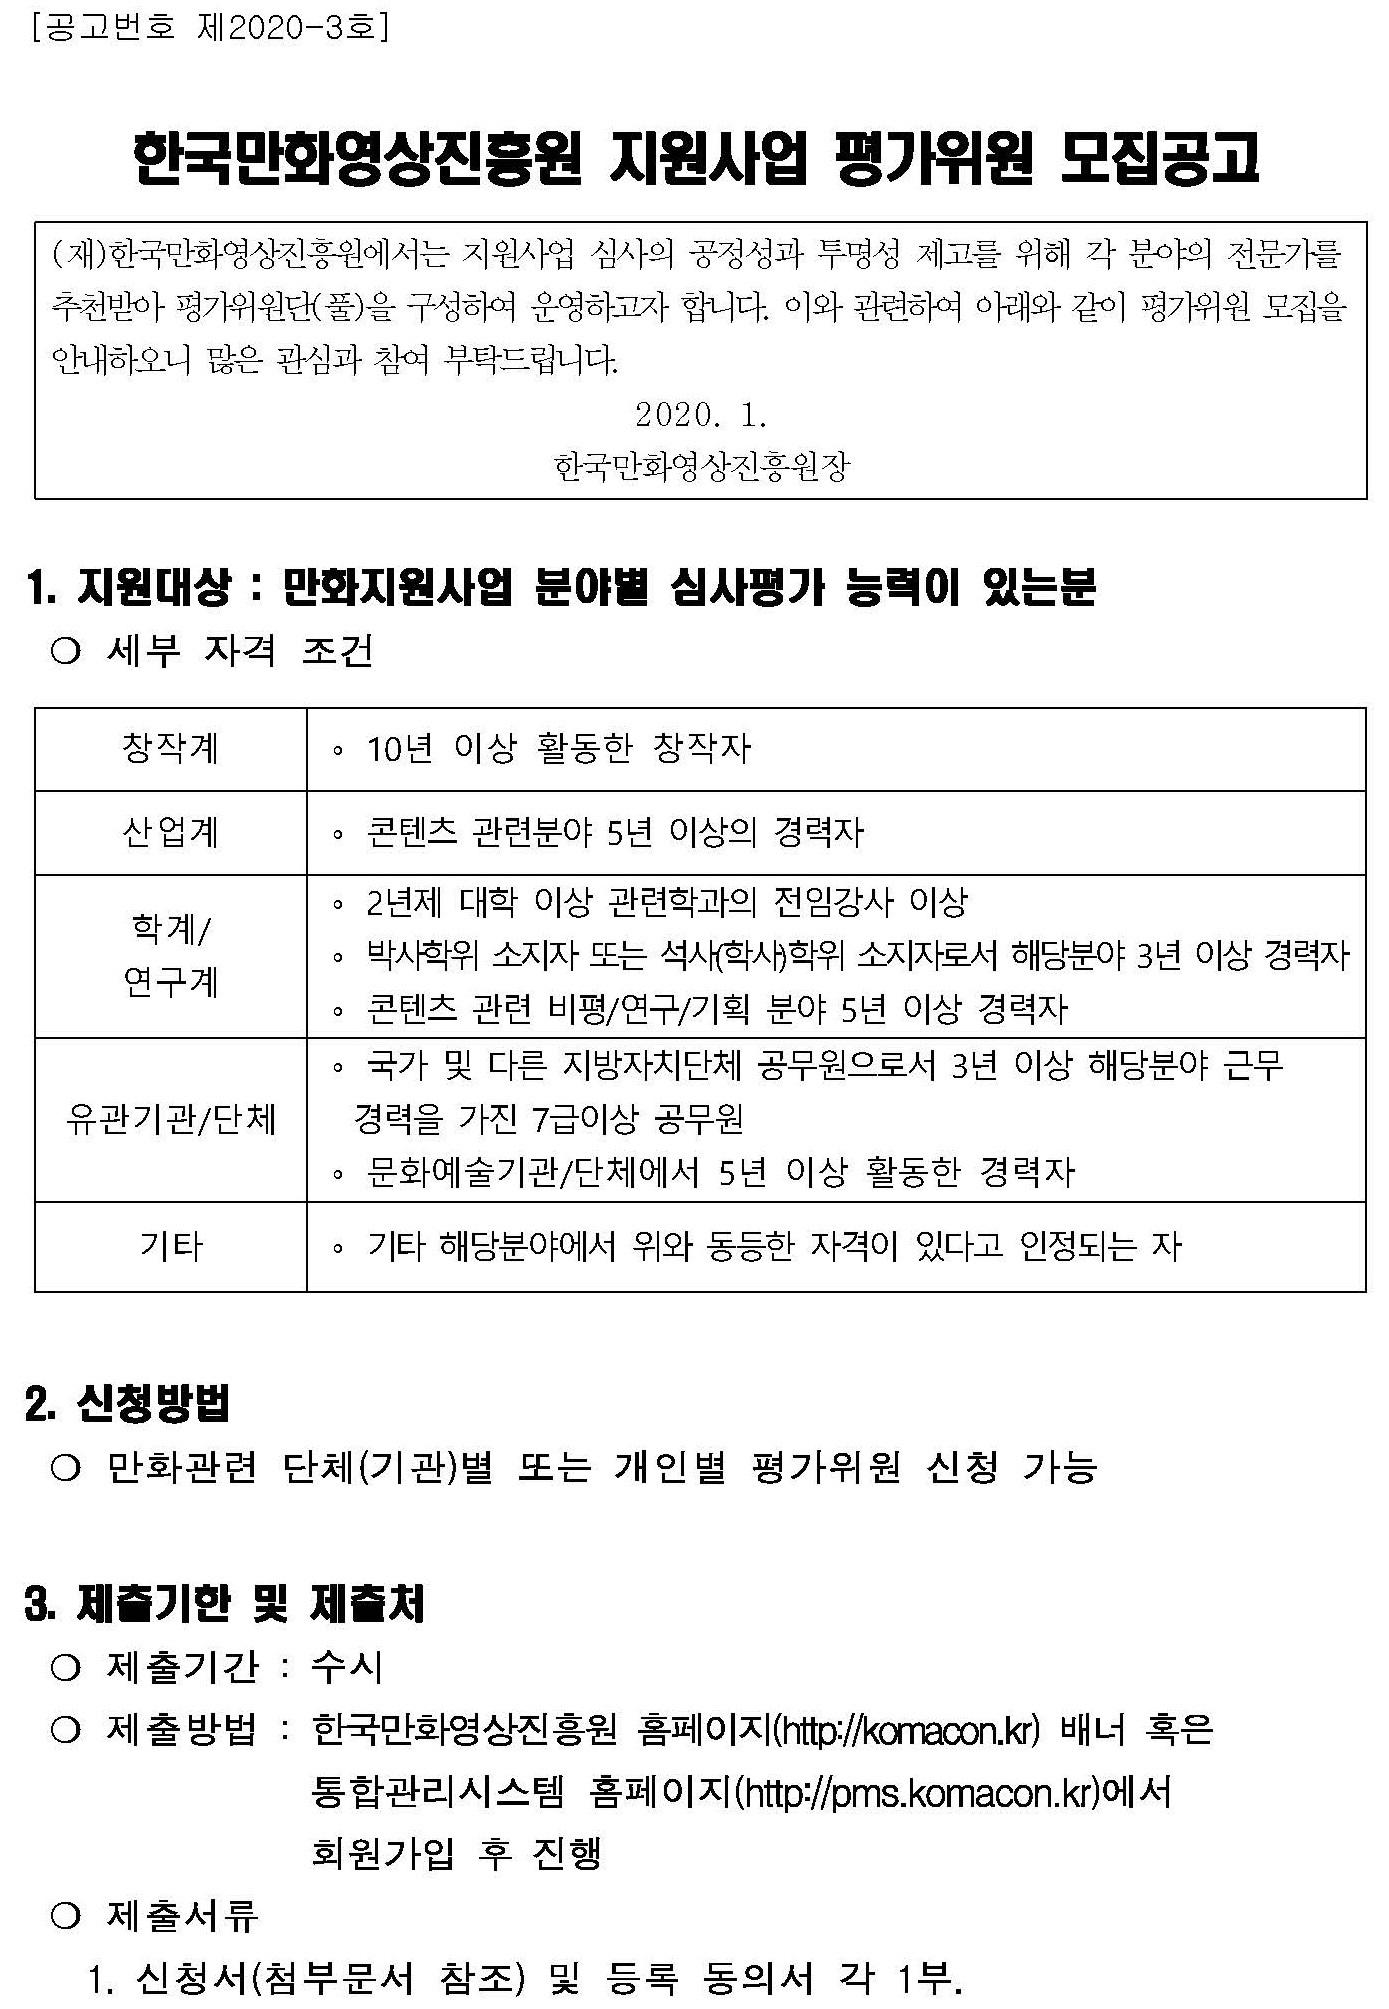 2020년도 한국만화영상진흥원 지원사업 평가위원 모집공고_페이지_1.jpg